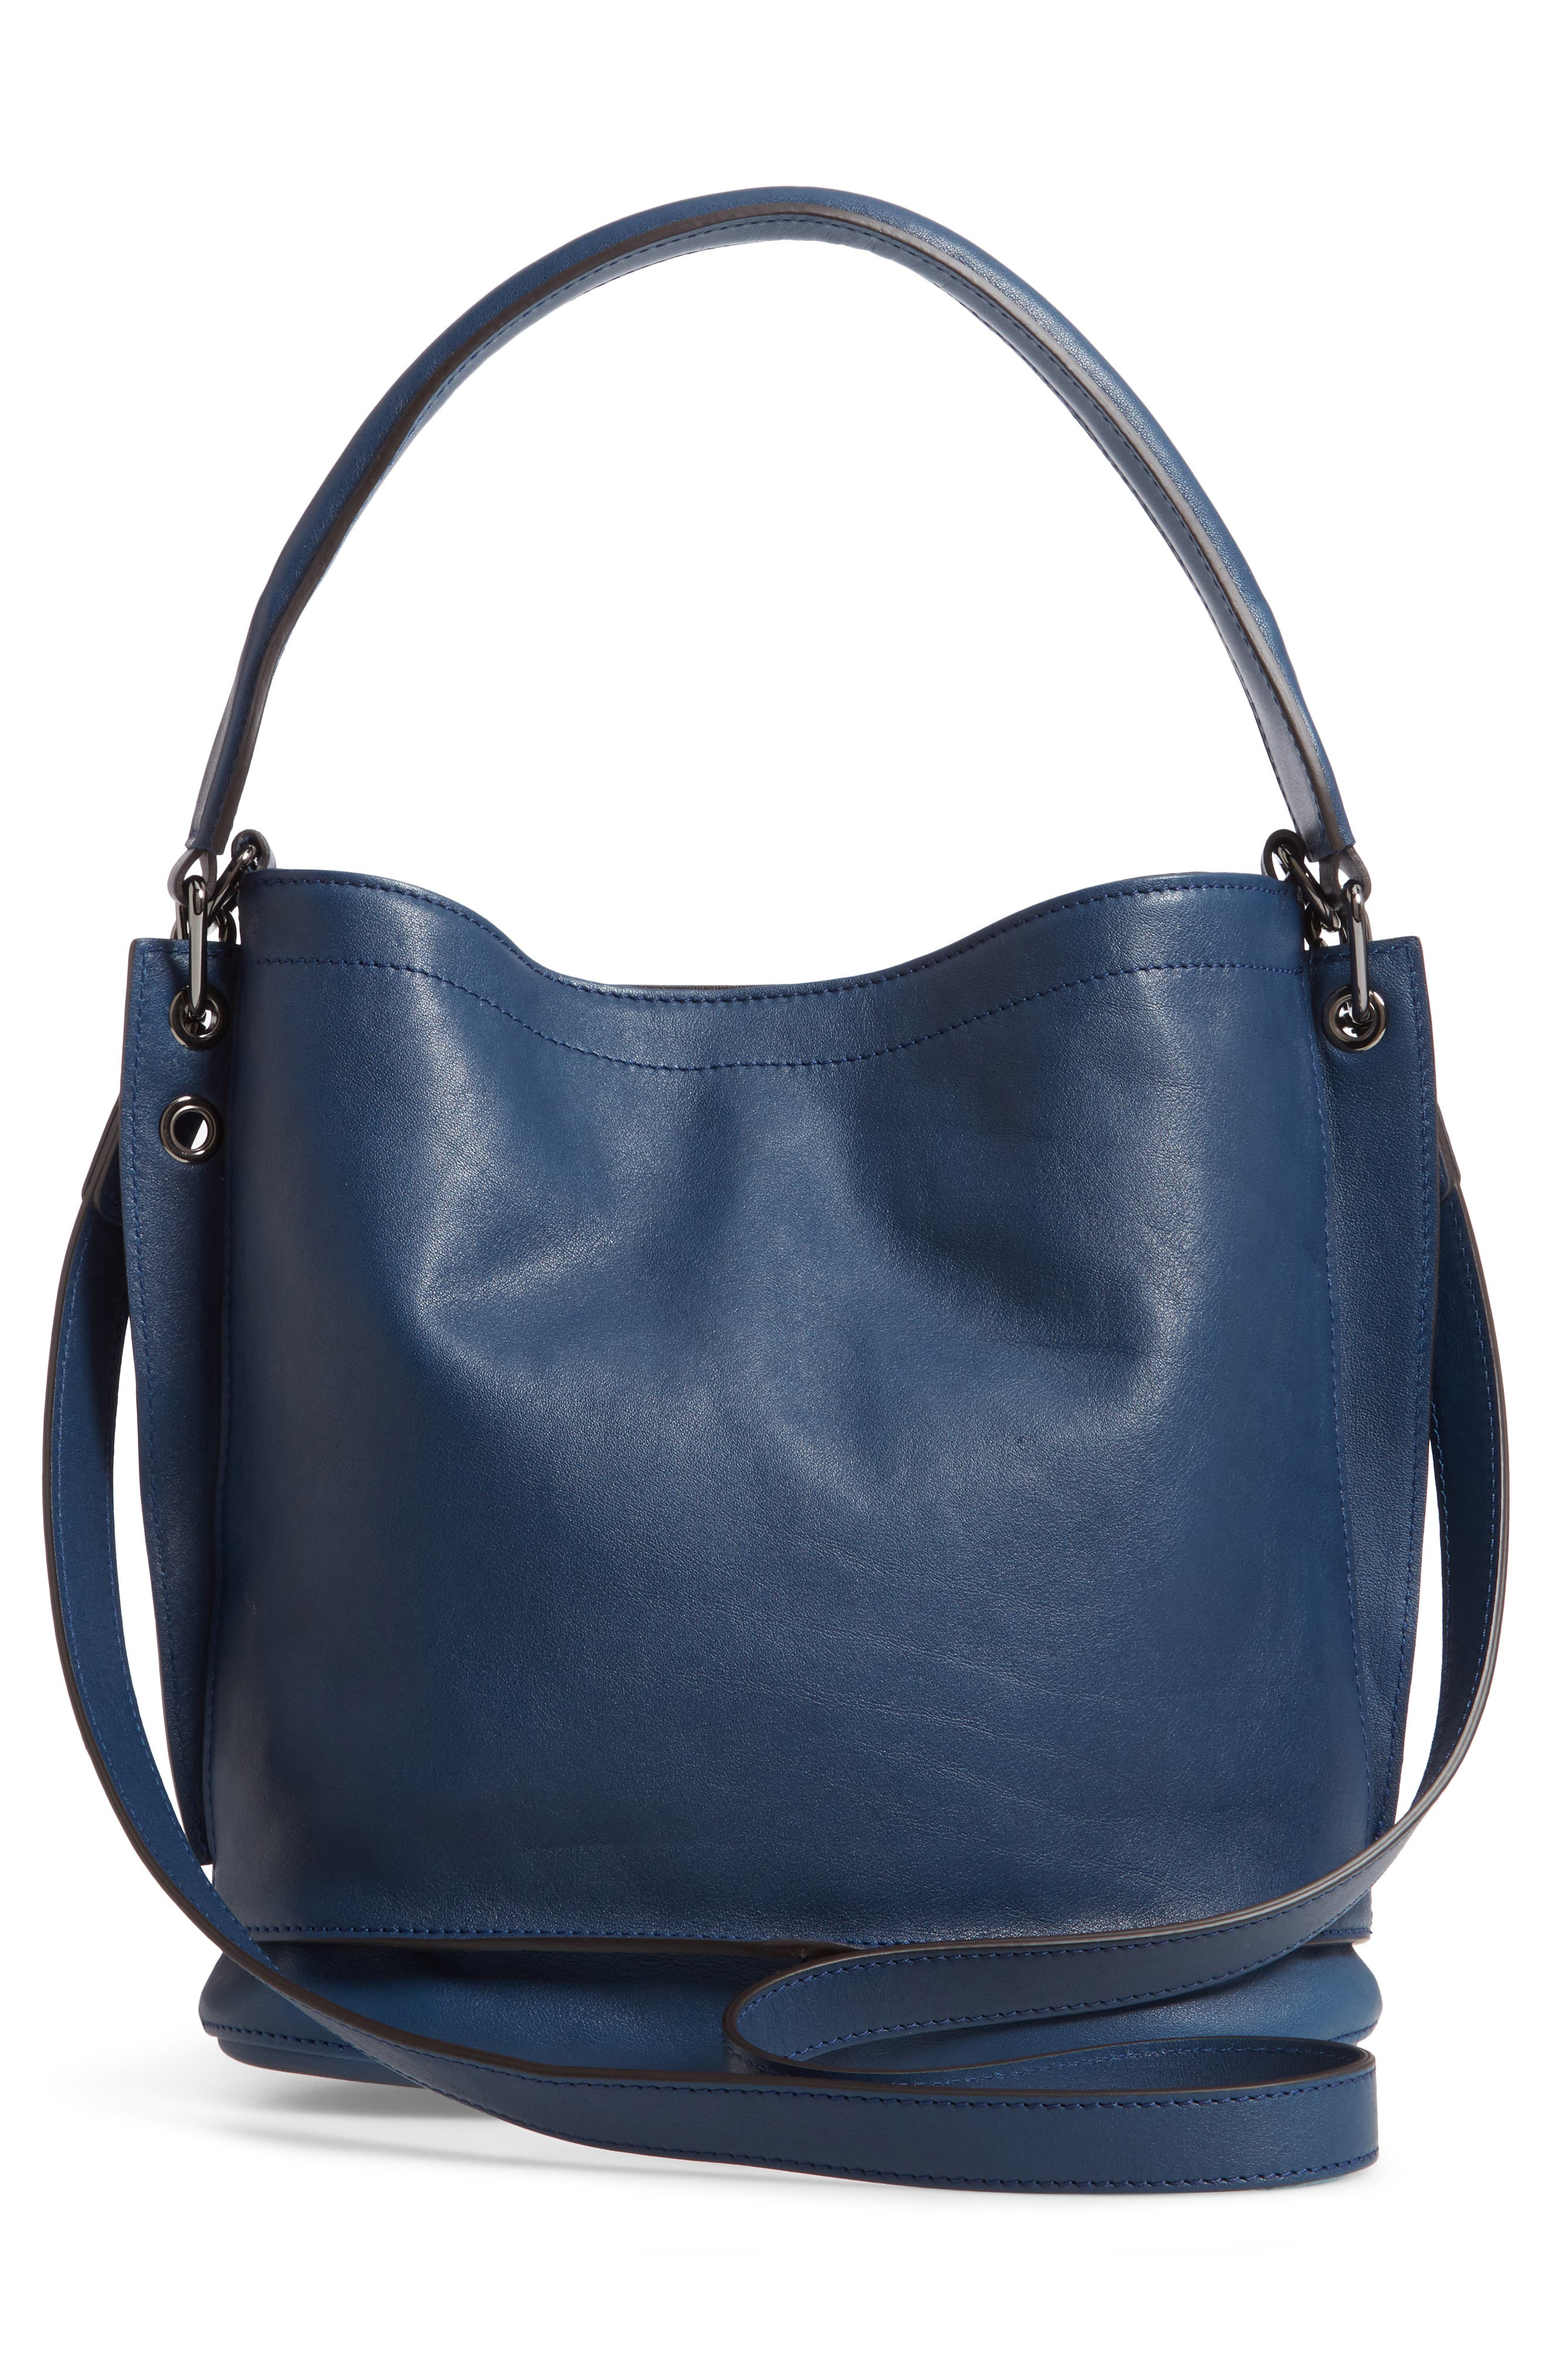 3D Leather Bucket Bag,                             Alternate thumbnail 3, color,                             PILOT BLUE